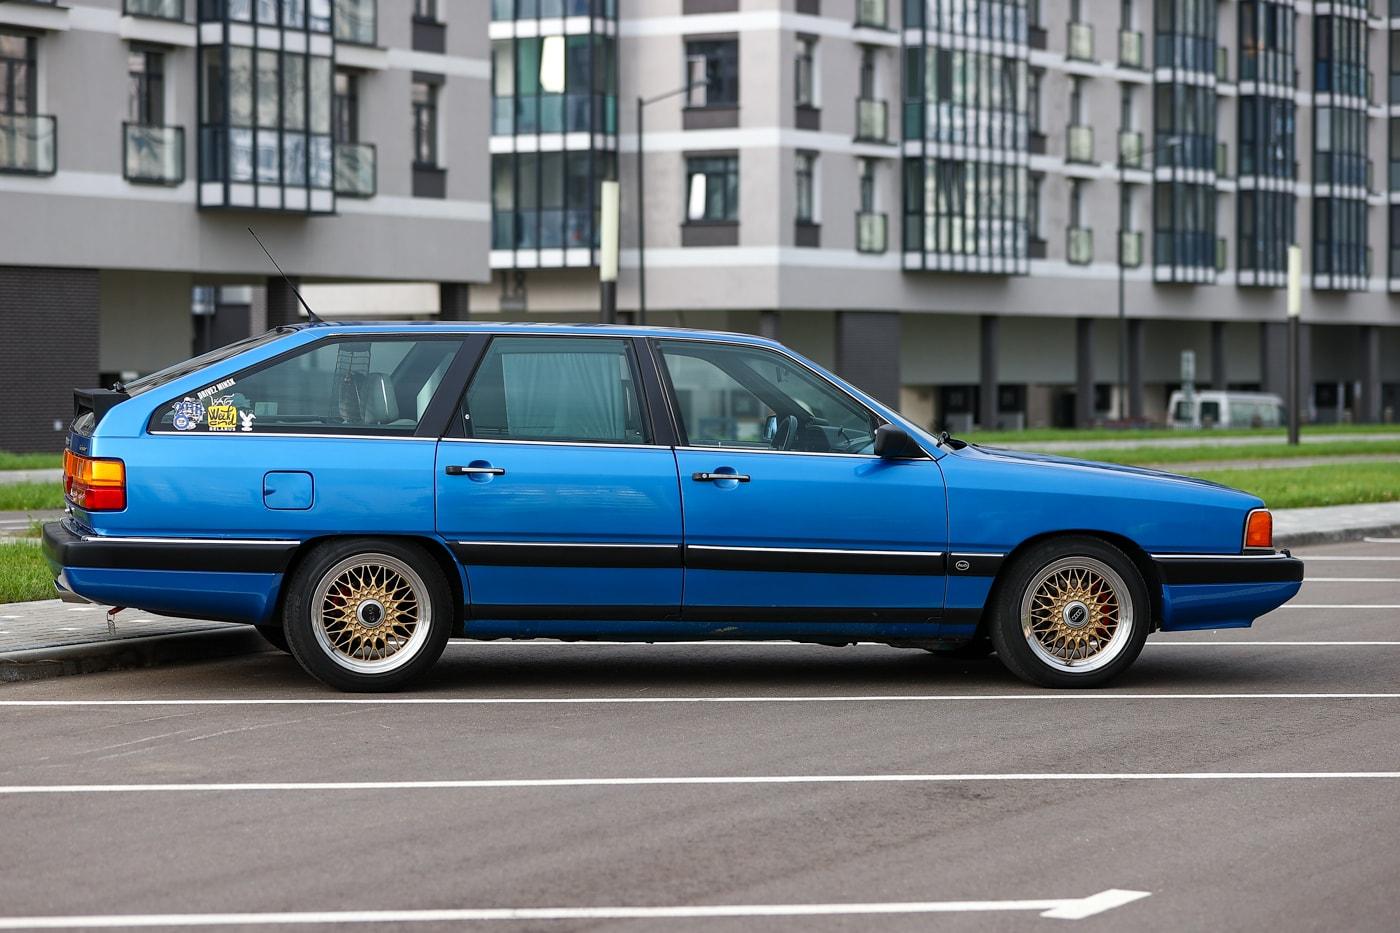 Audi 100 для души. Как минчанин дал 35-летней «сотке» новую жизнь